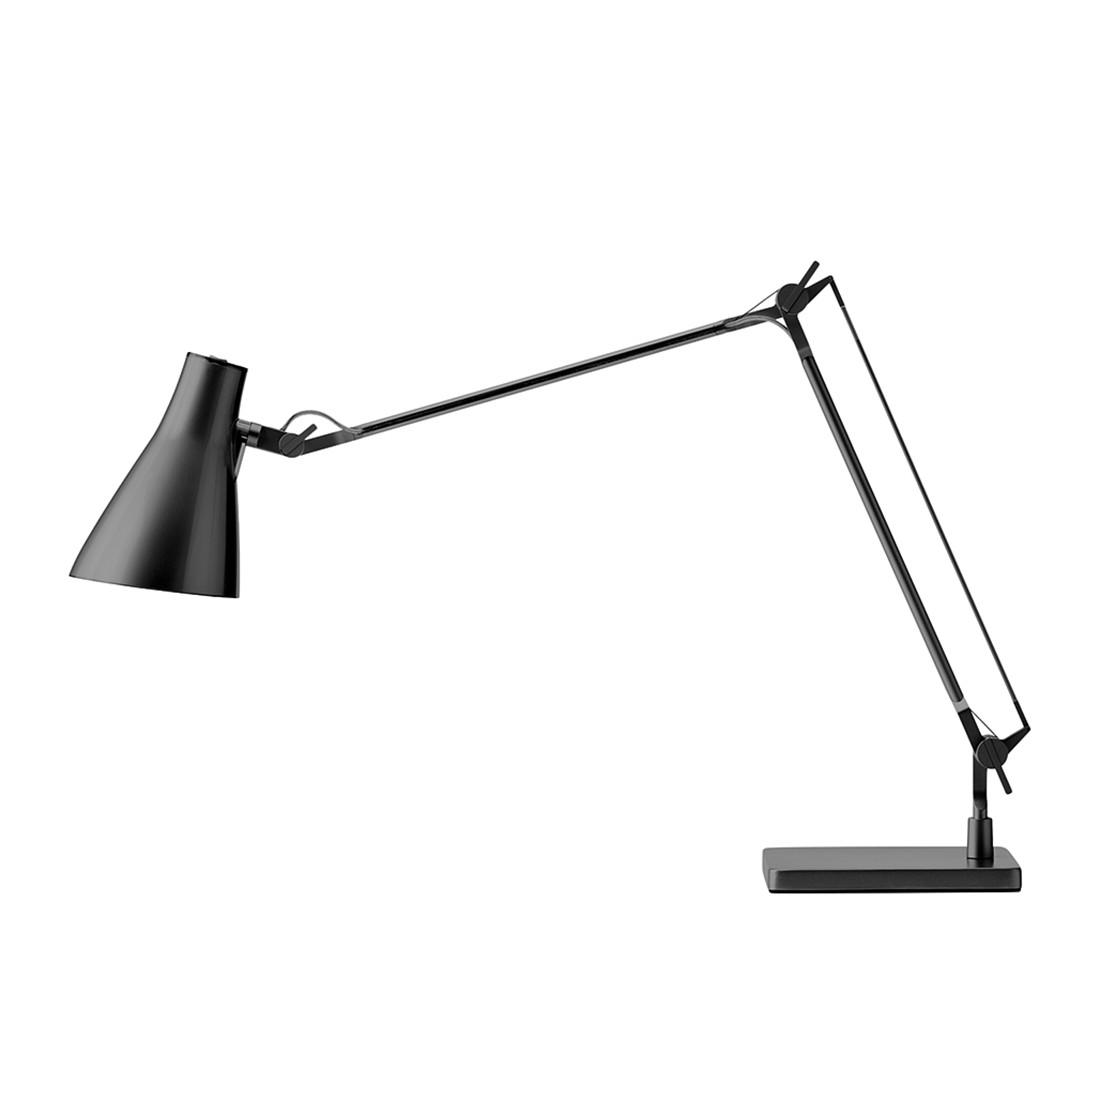 Tischleuchte Solus 2 ● Metall/Kunststoff ● Schwarz ● 1-flammig- Blanke Design A+